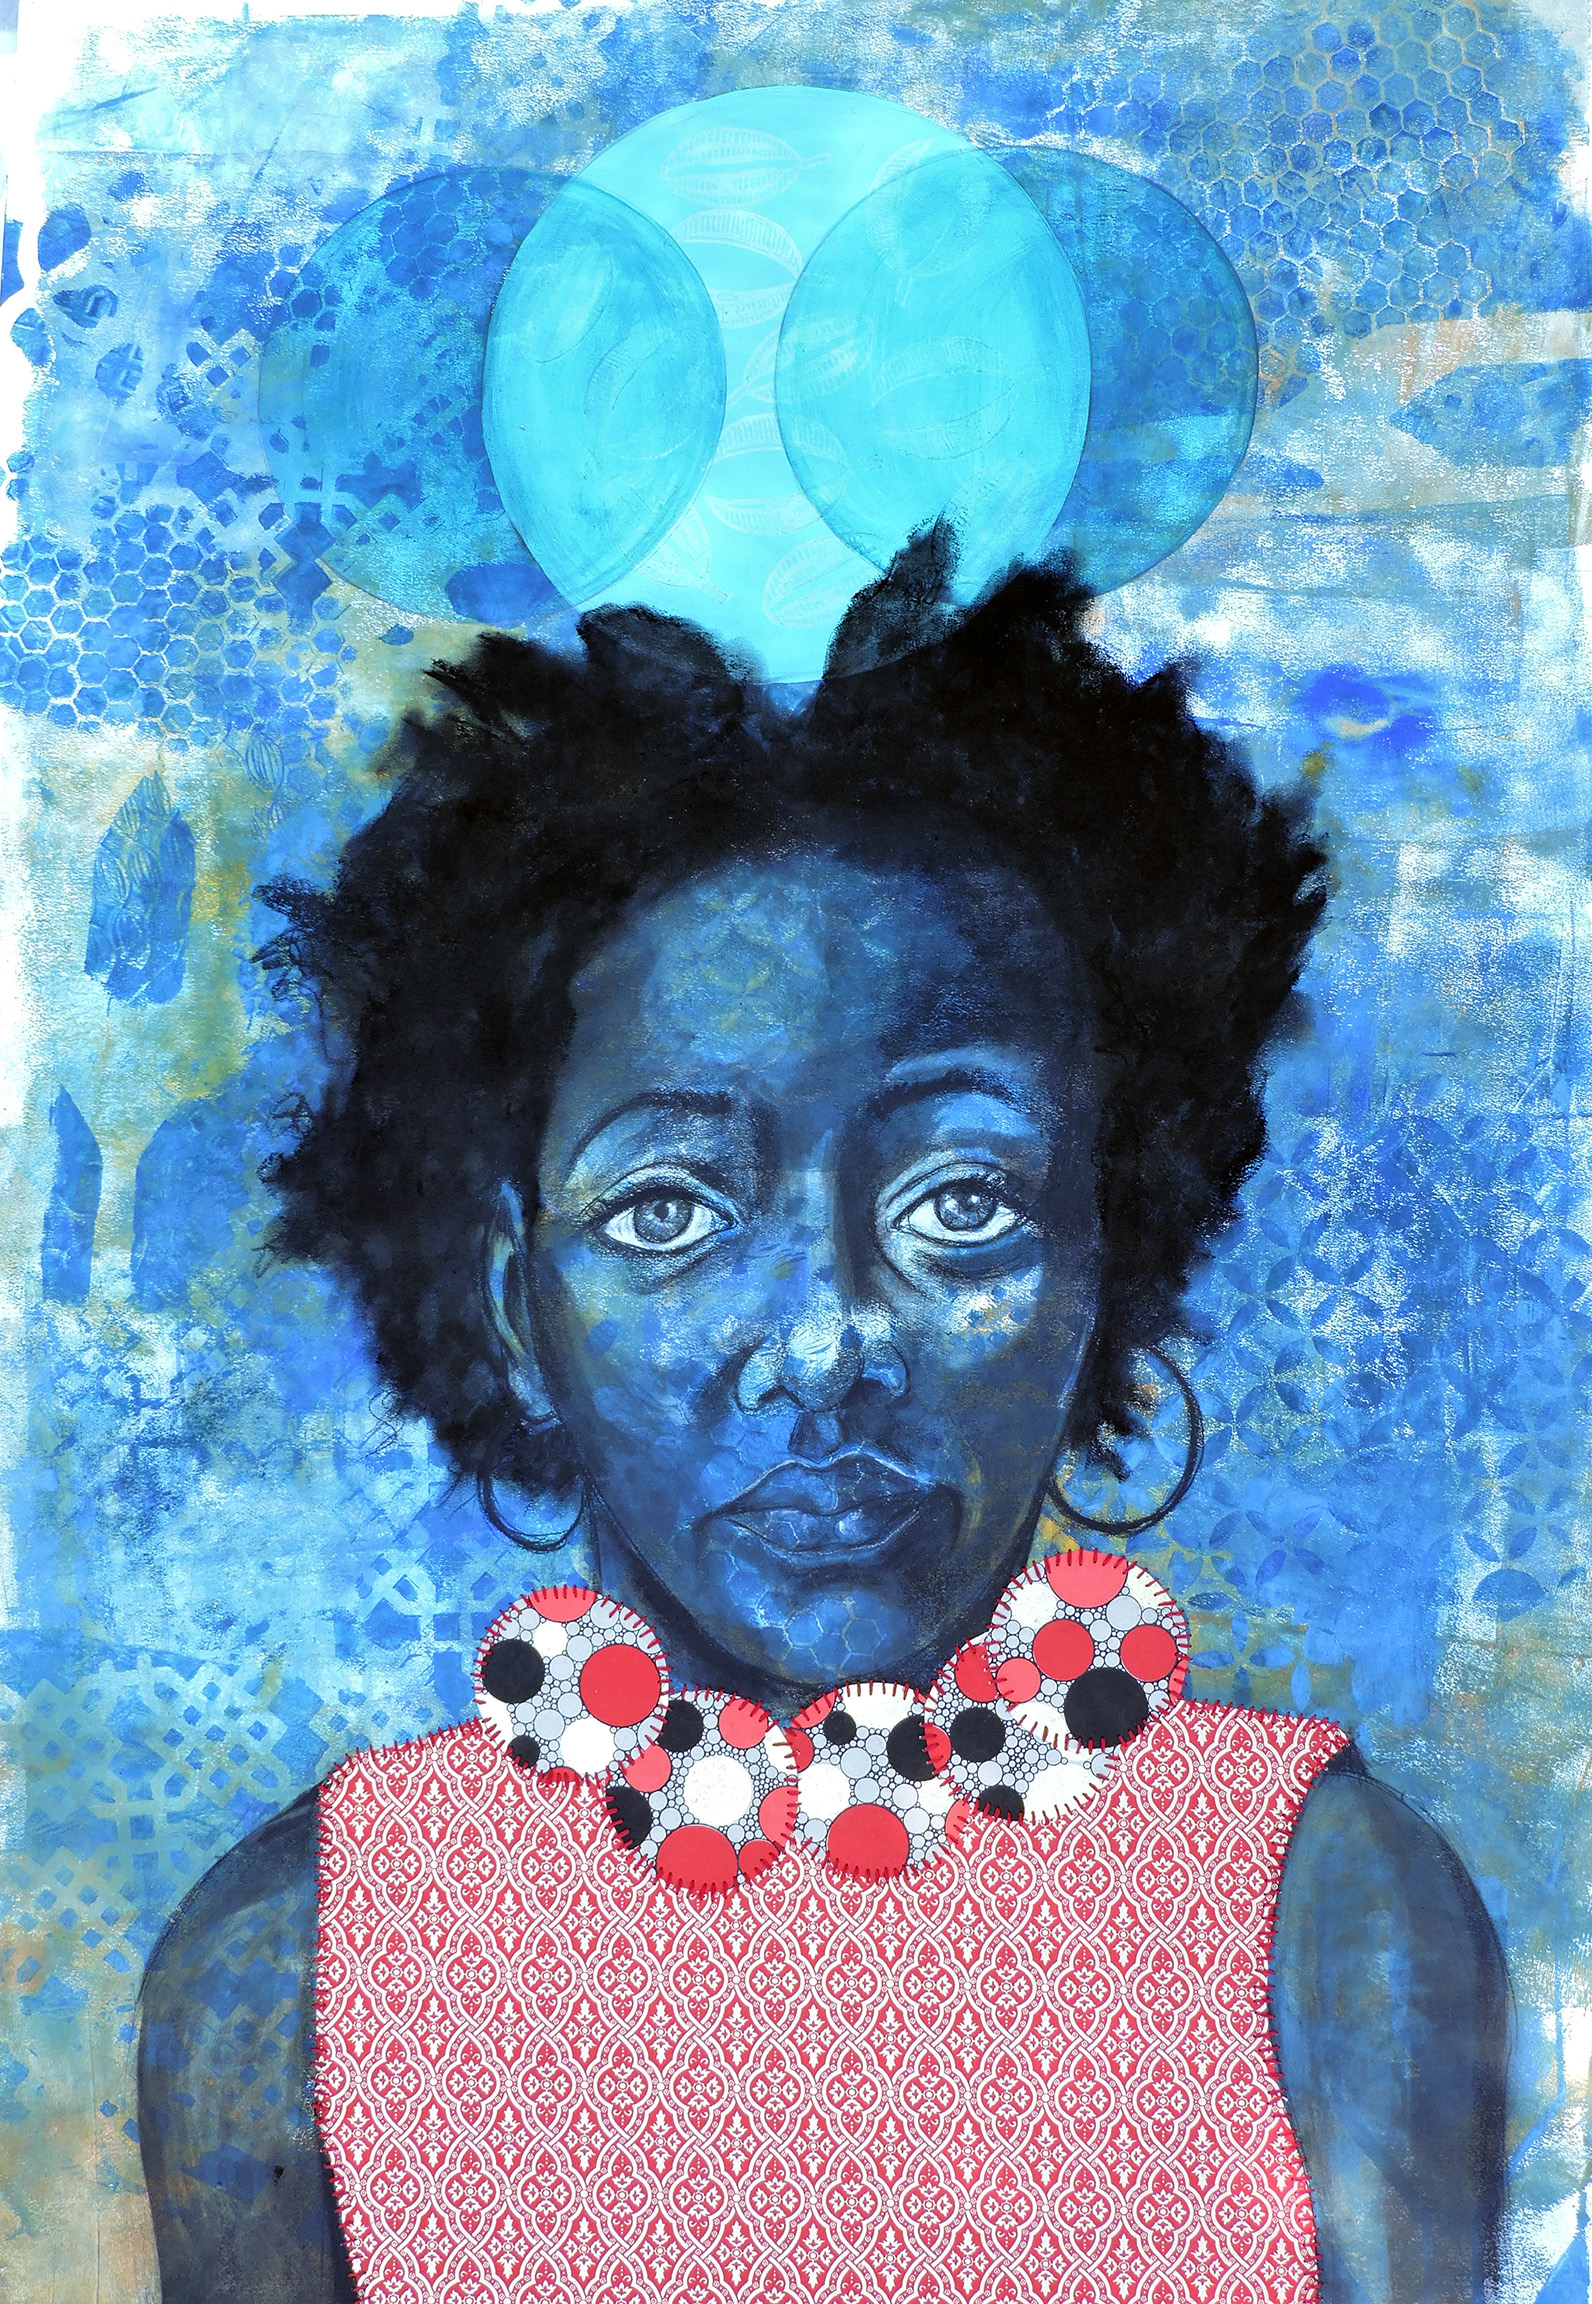 'Self Portrait,' Gelatin Printing, Conte, Collage, Hand-stitching, 48 x 50, 2015 (Martin)